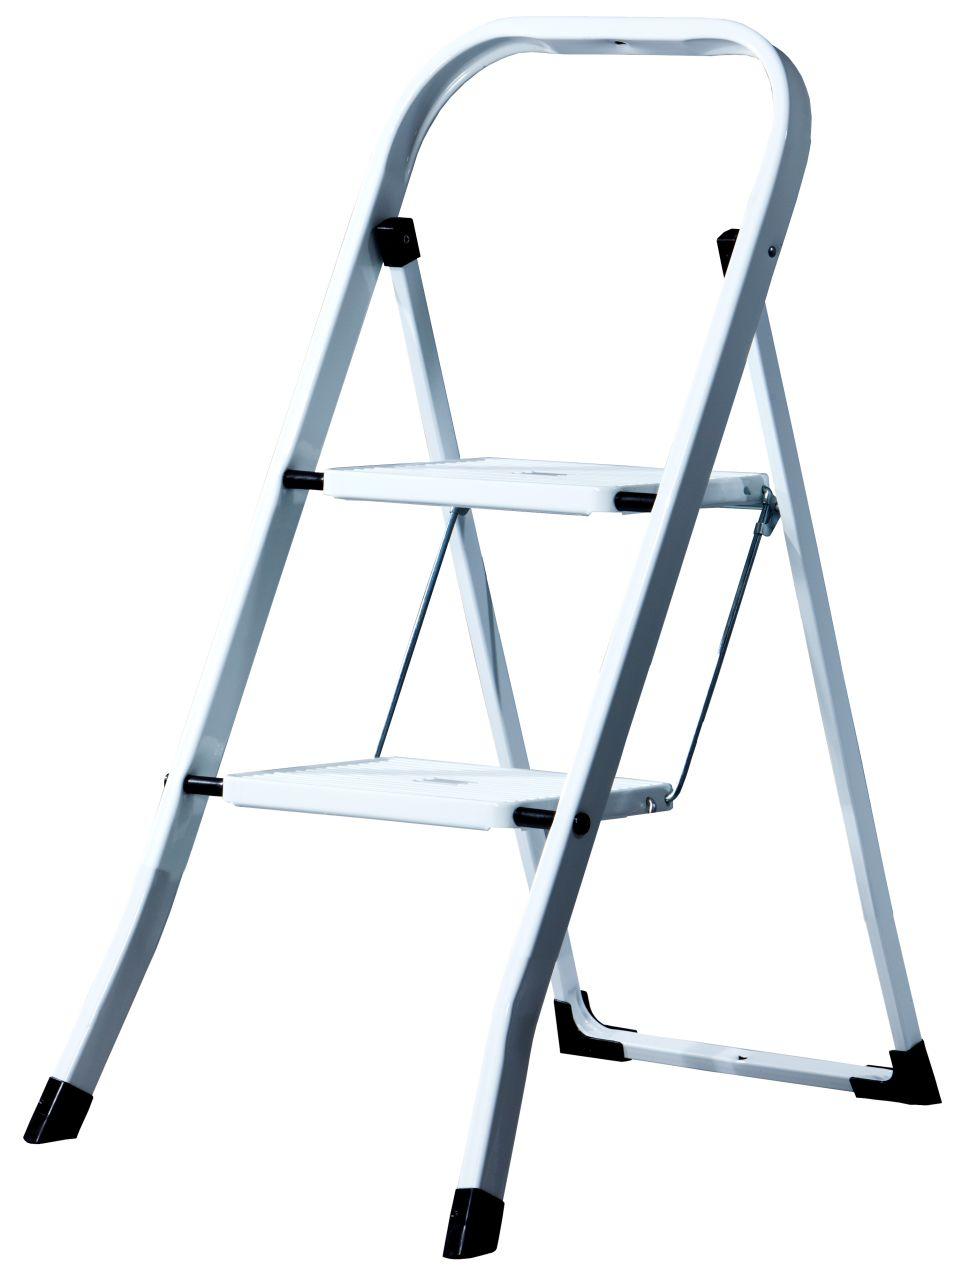 Schodki składane Toppy. Poręczne składane schodki stalowe